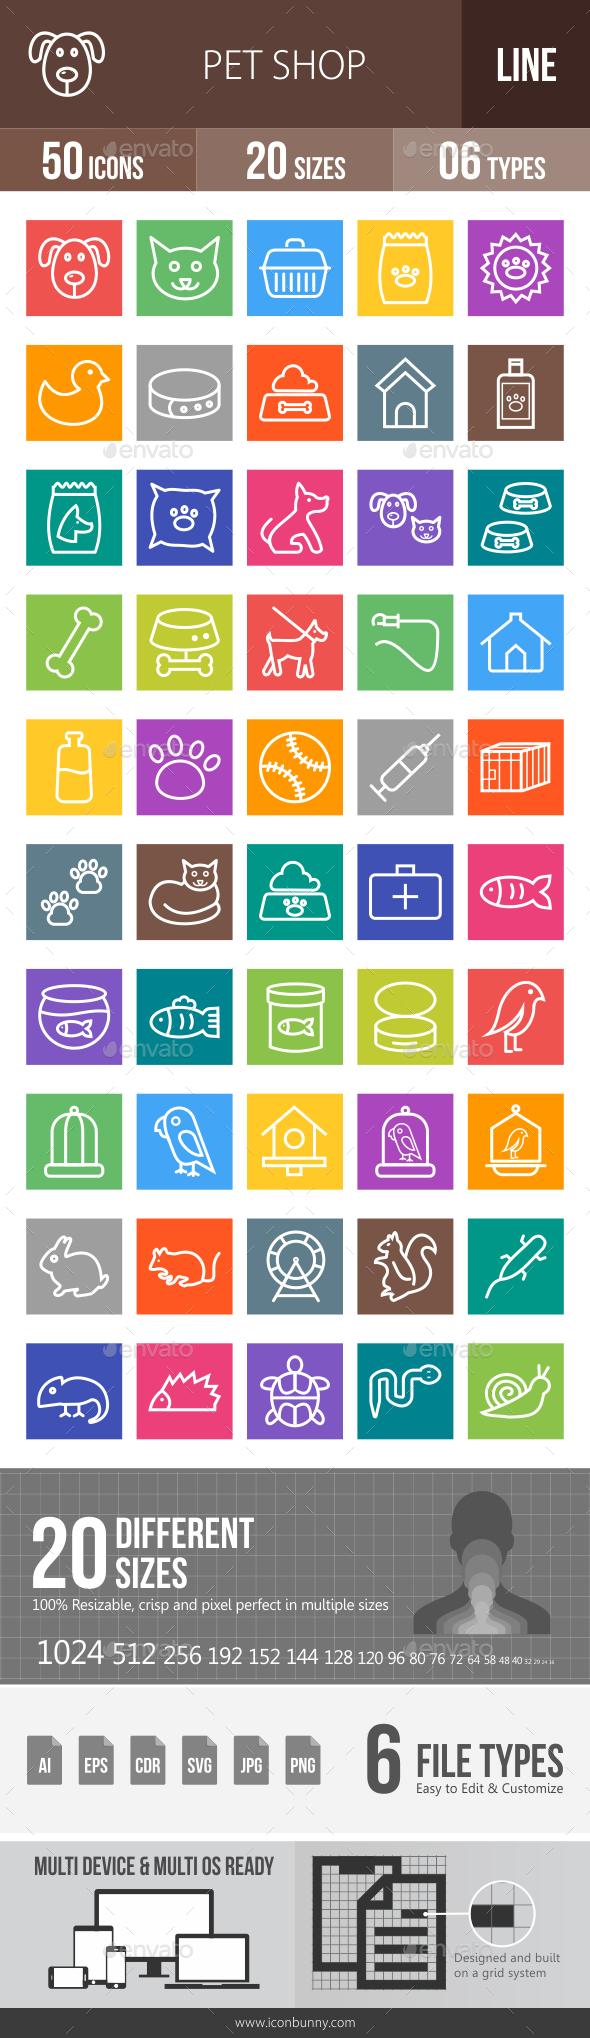 Pet Shop Line Multicolor Icons - Icons